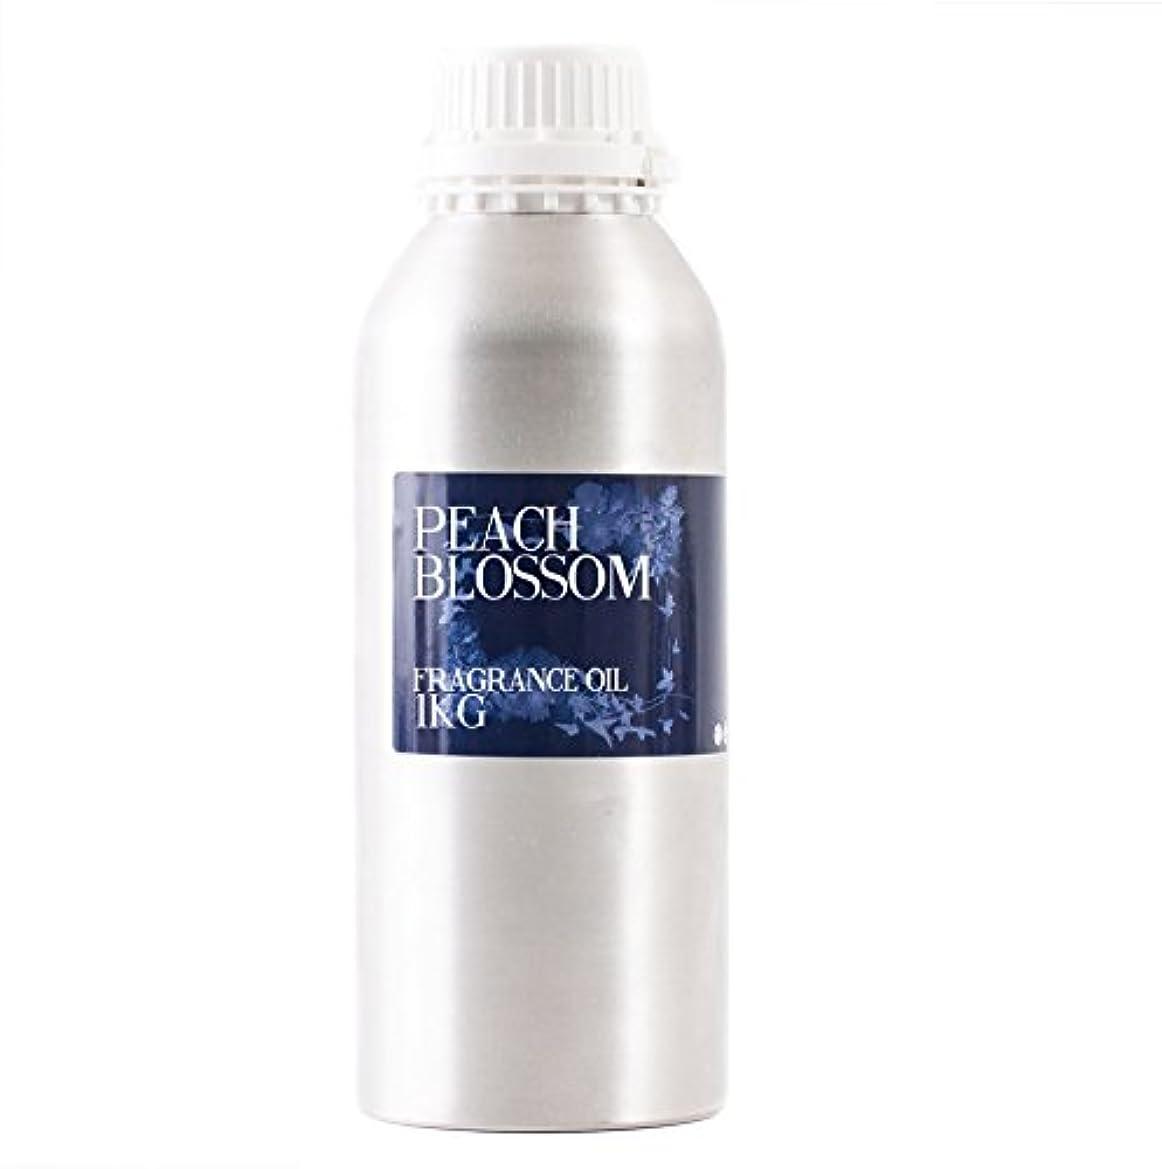 潮伝染性の呼吸Mystic Moments | Peach Blossom Fragrance Oil - 1Kg